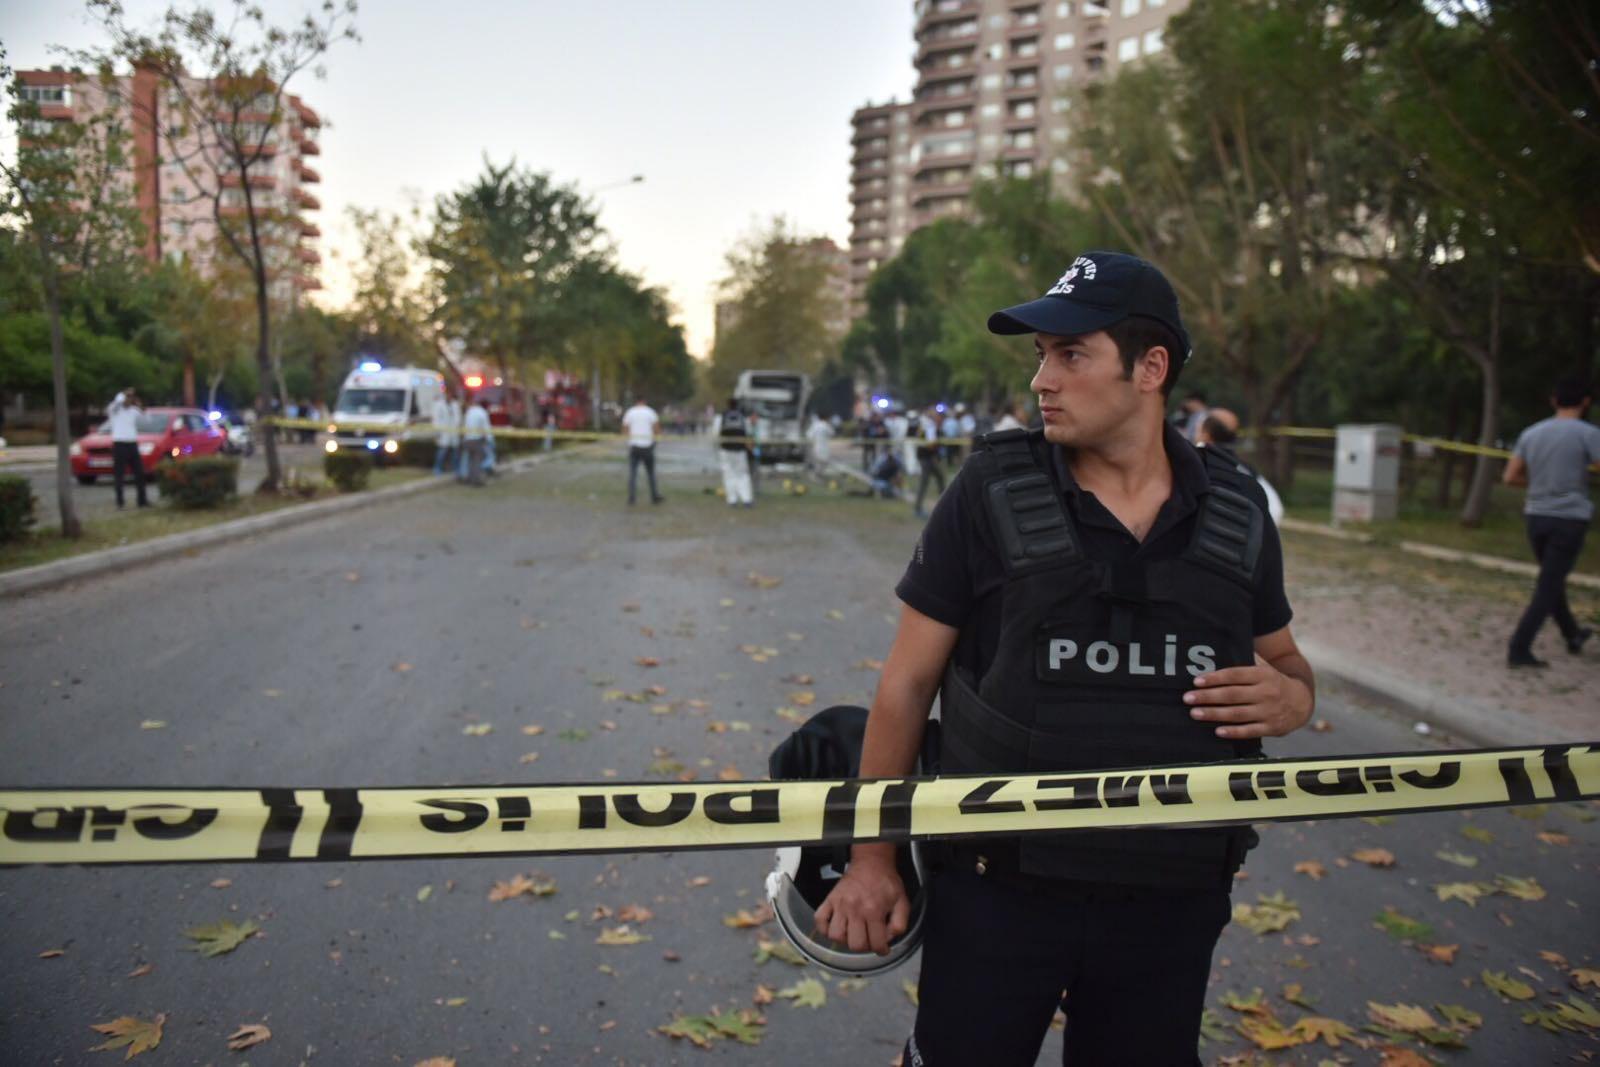 Αίγυπτος: Ένας νεκρός από έκρηξη παγιδευμένου ΙΧ στην Αλεξάνδρεια | tovima.gr